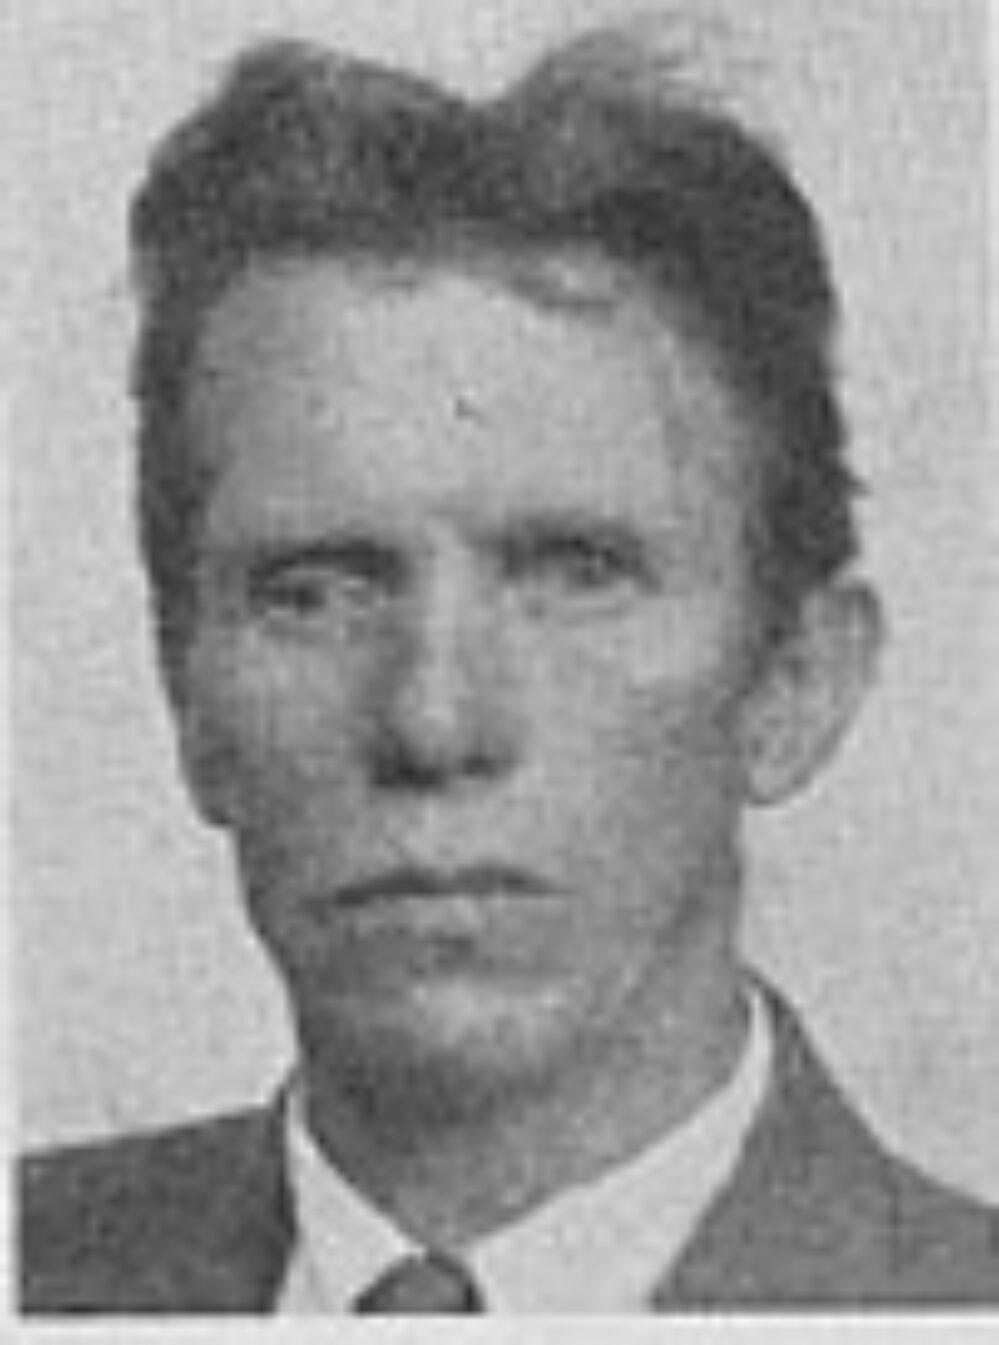 Hjalmar Johannesen